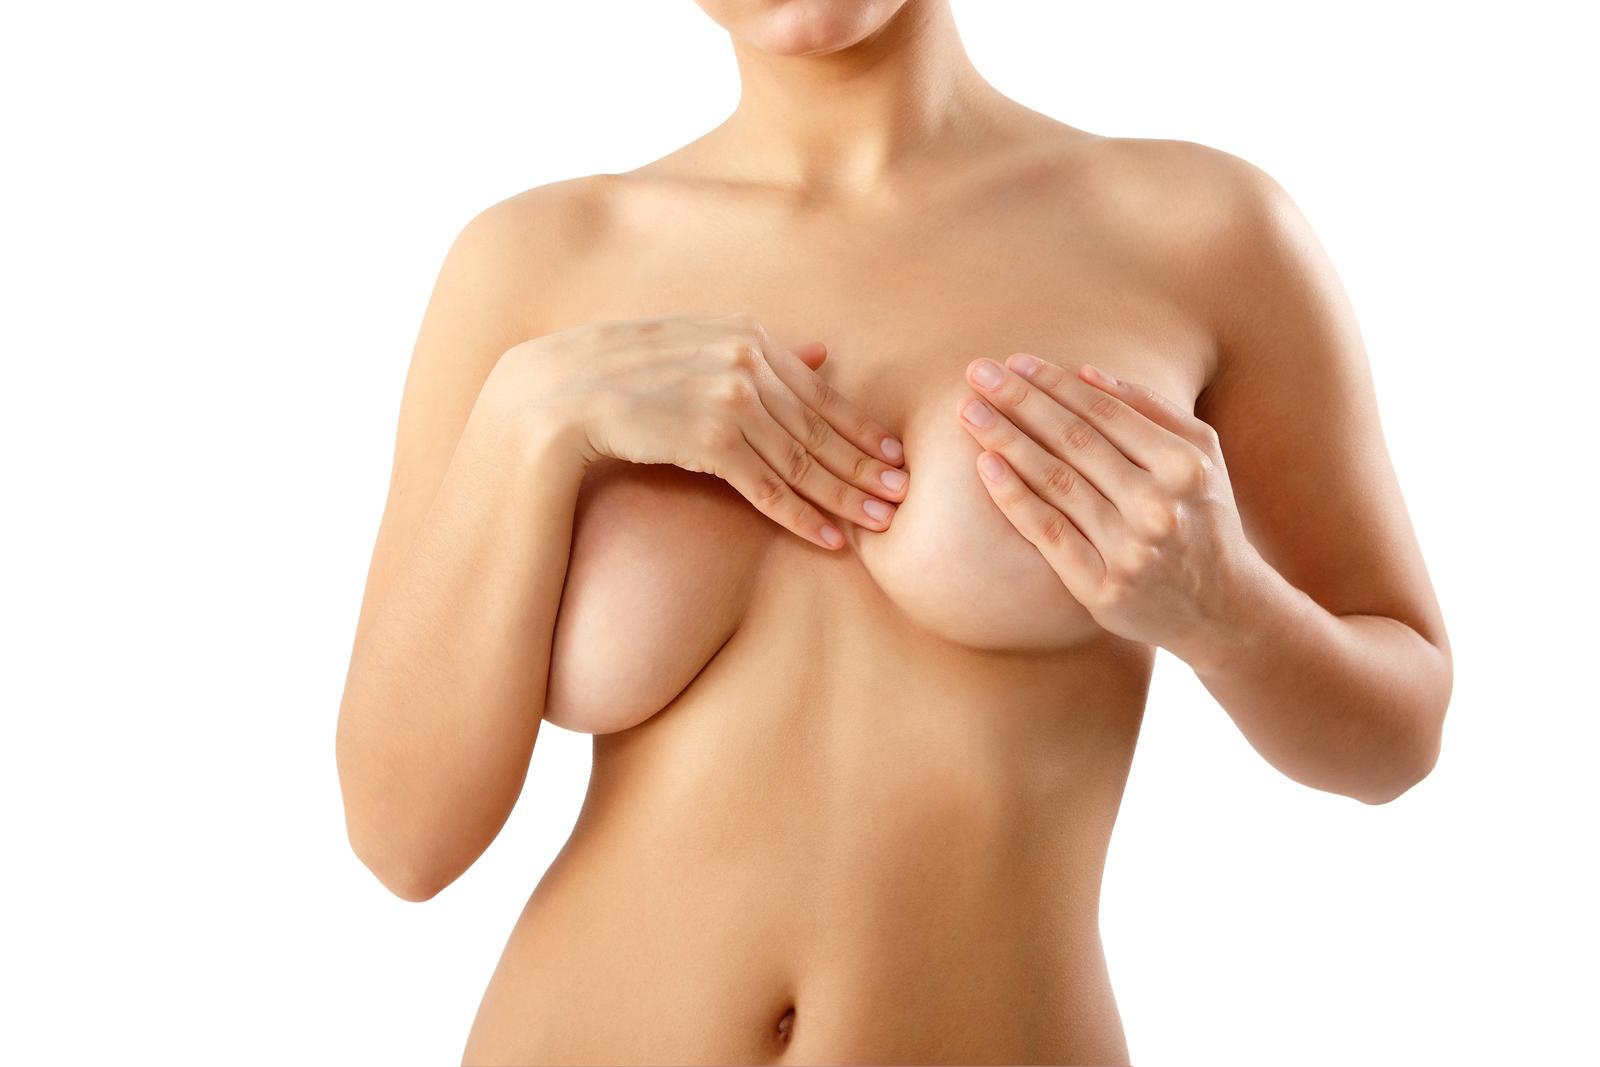 bigstock-woman-examining-breast-mastopa-28826600.jpg